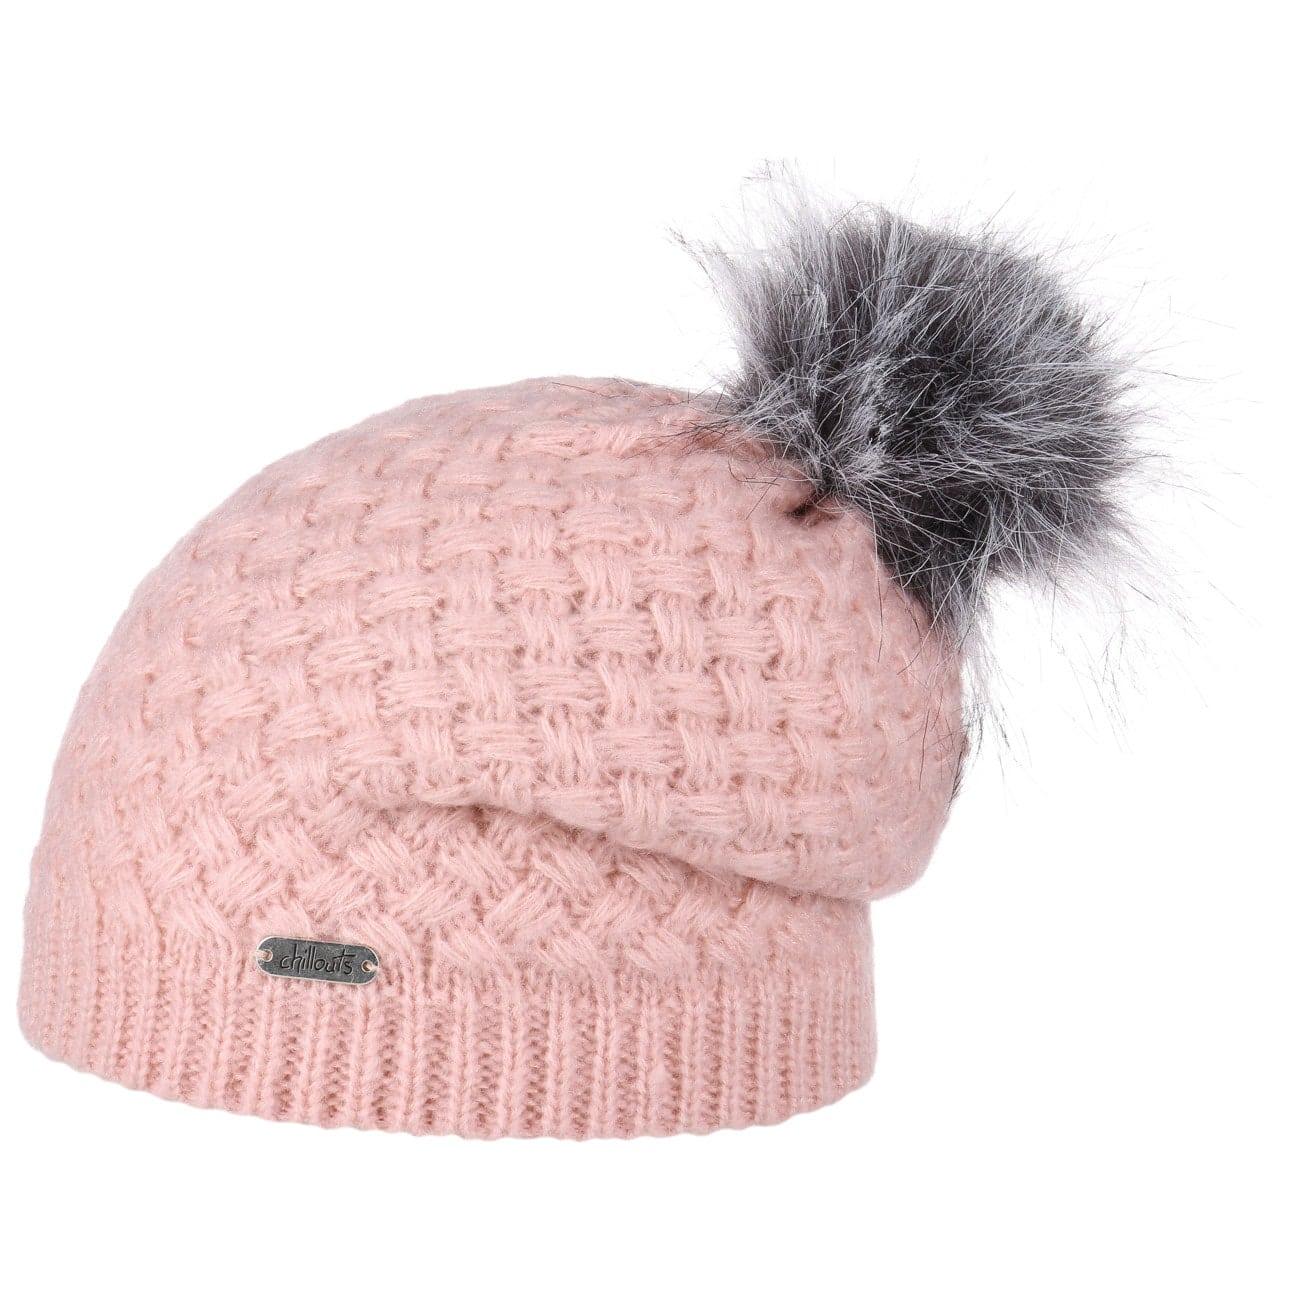 Bonnet à Pompon Felicy by Chillouts  bonnet en tricot